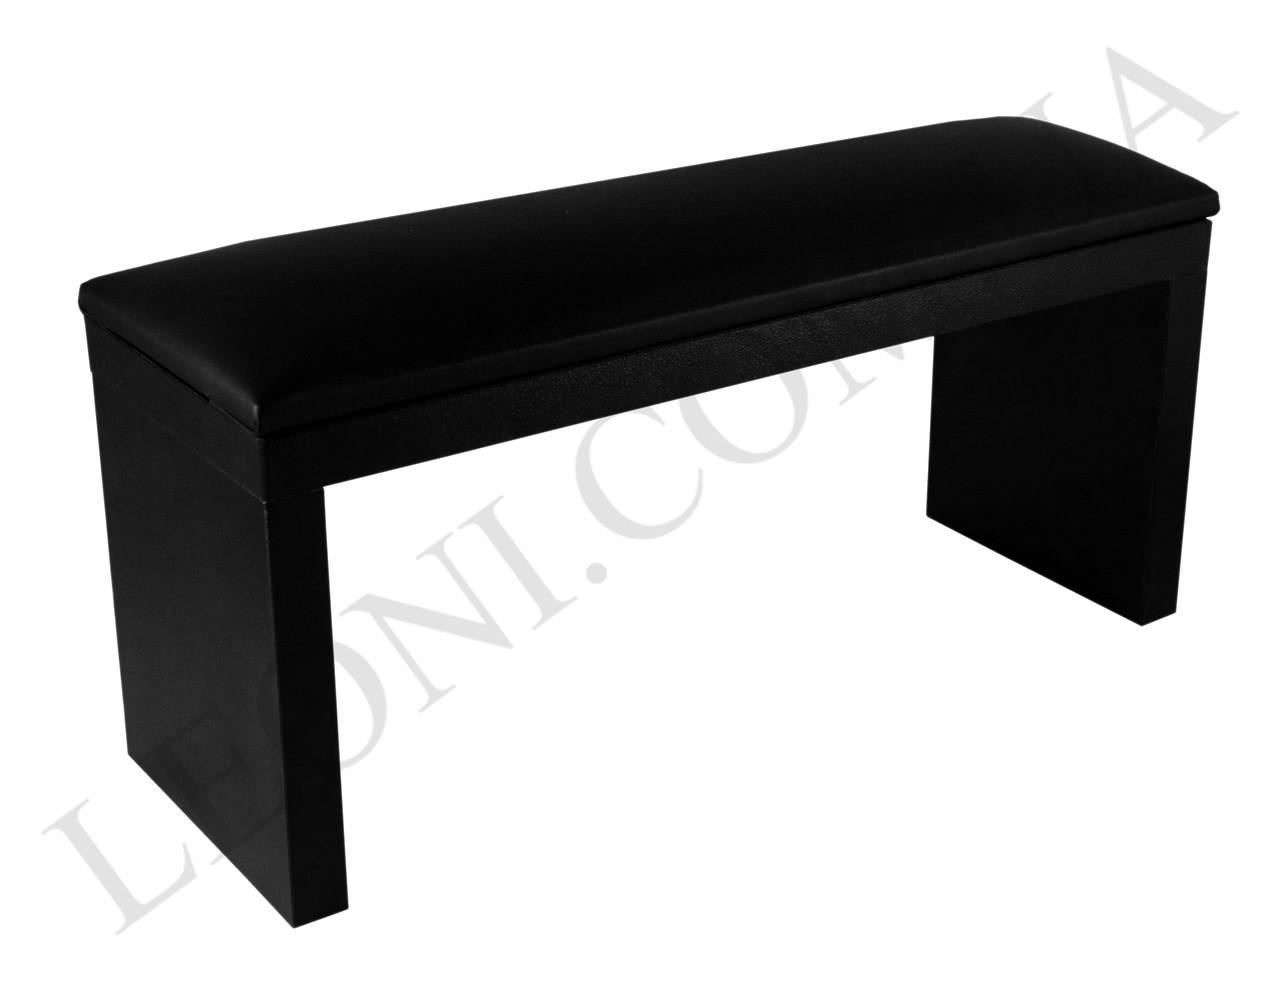 Маникюрная подставка для рук (Подлокотник) Черного цвета на ножках